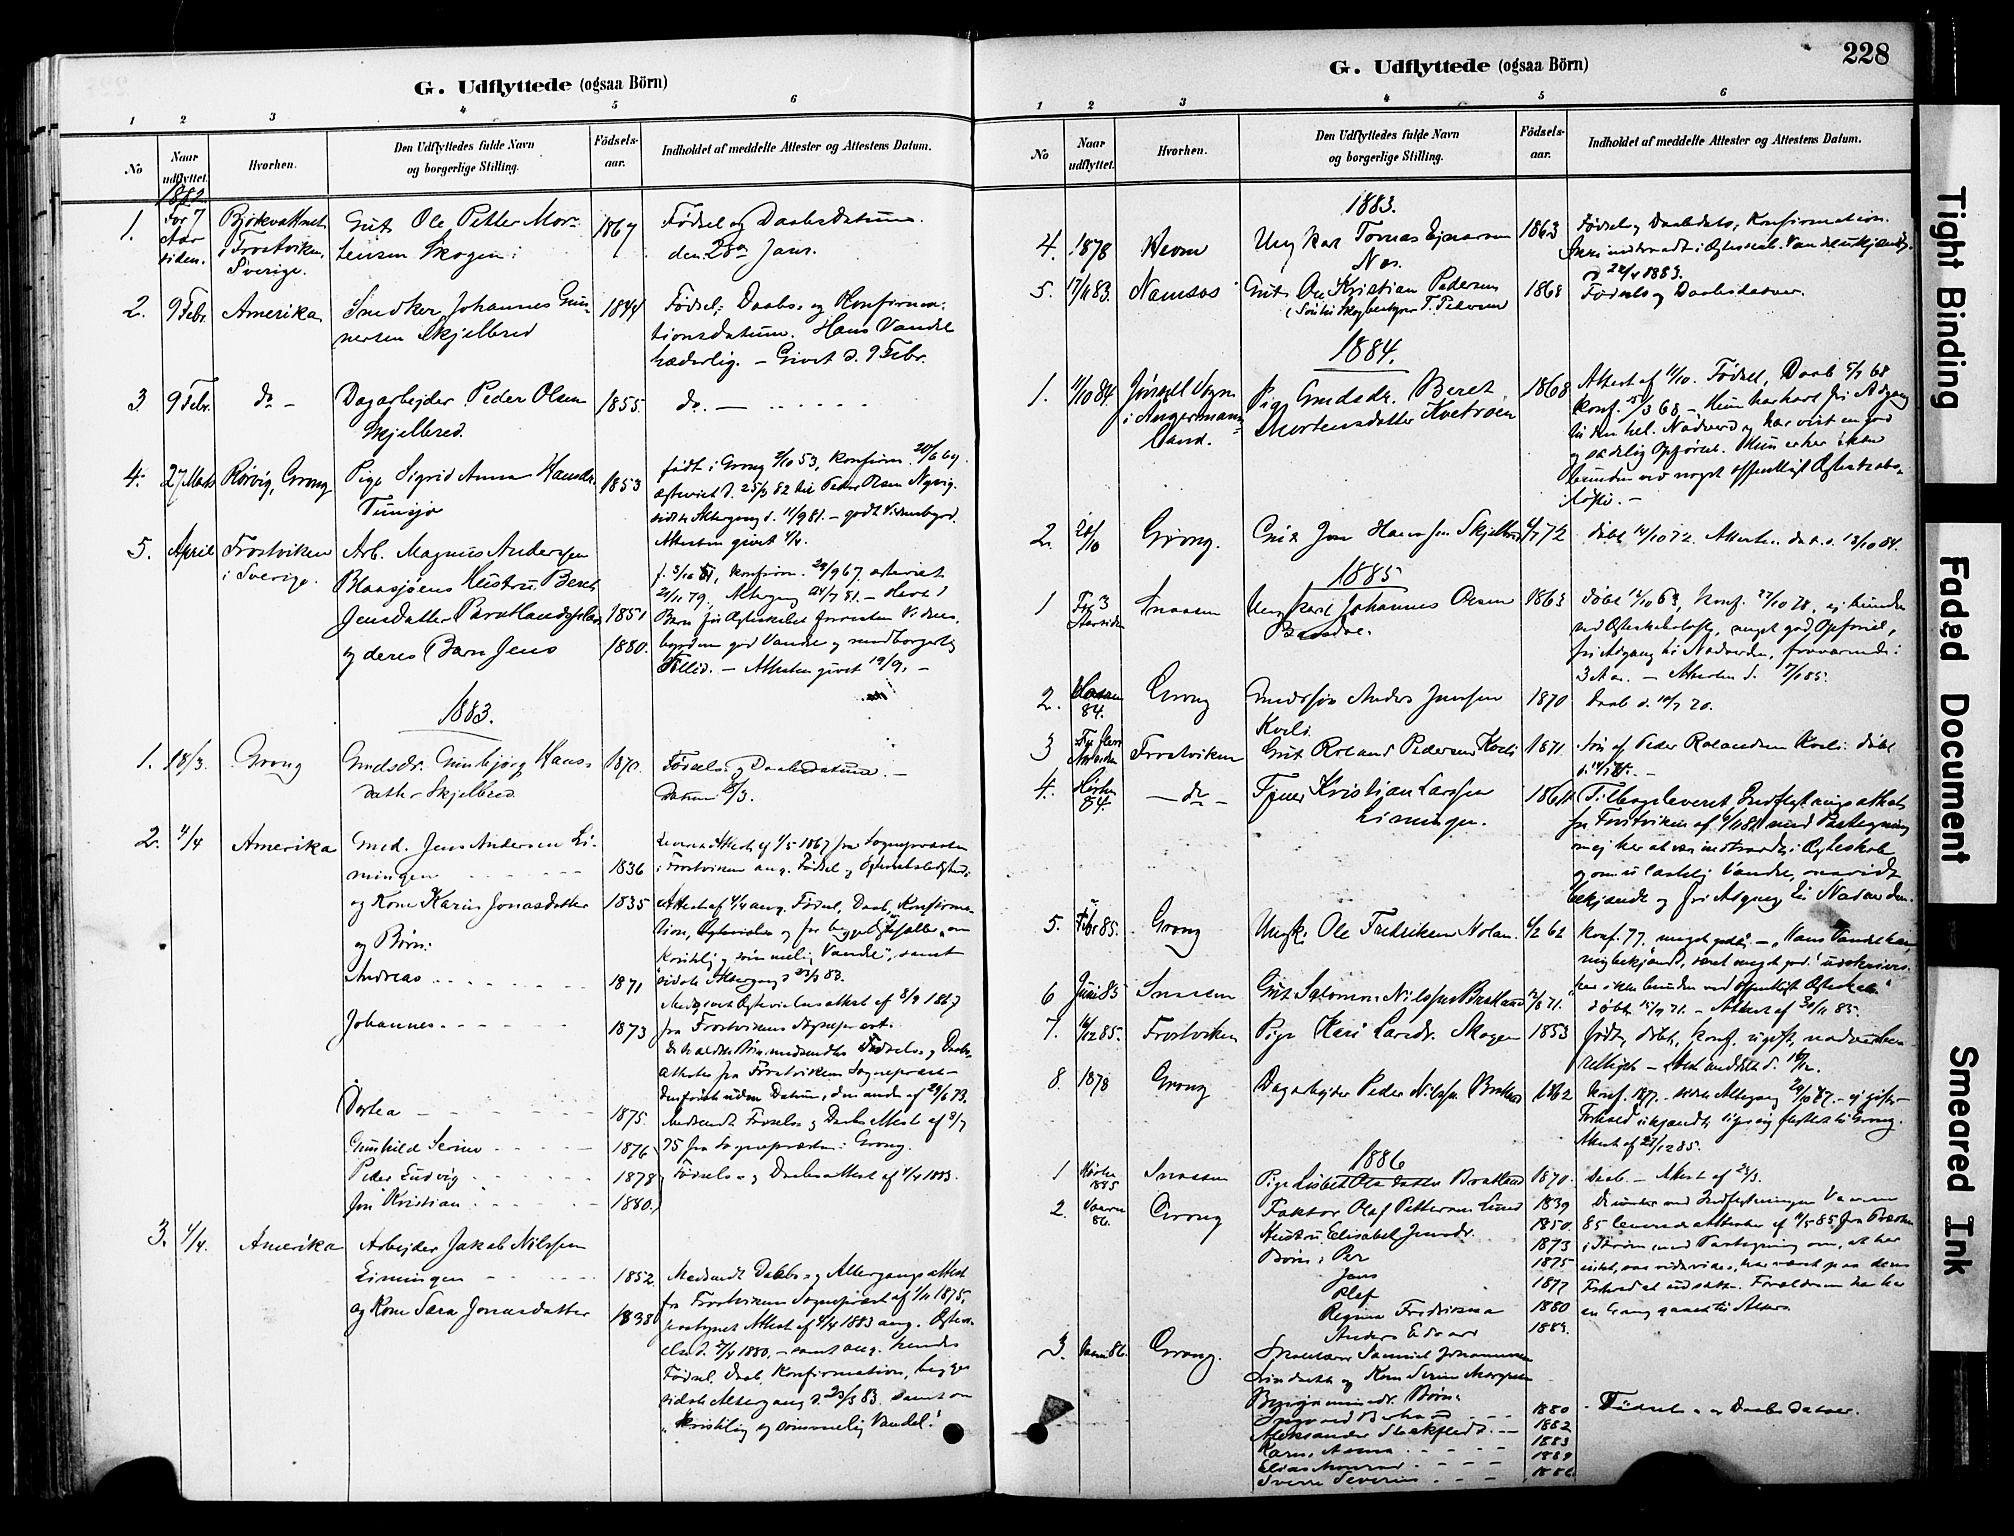 SAT, Ministerialprotokoller, klokkerbøker og fødselsregistre - Nord-Trøndelag, 755/L0494: Ministerialbok nr. 755A03, 1882-1902, s. 228